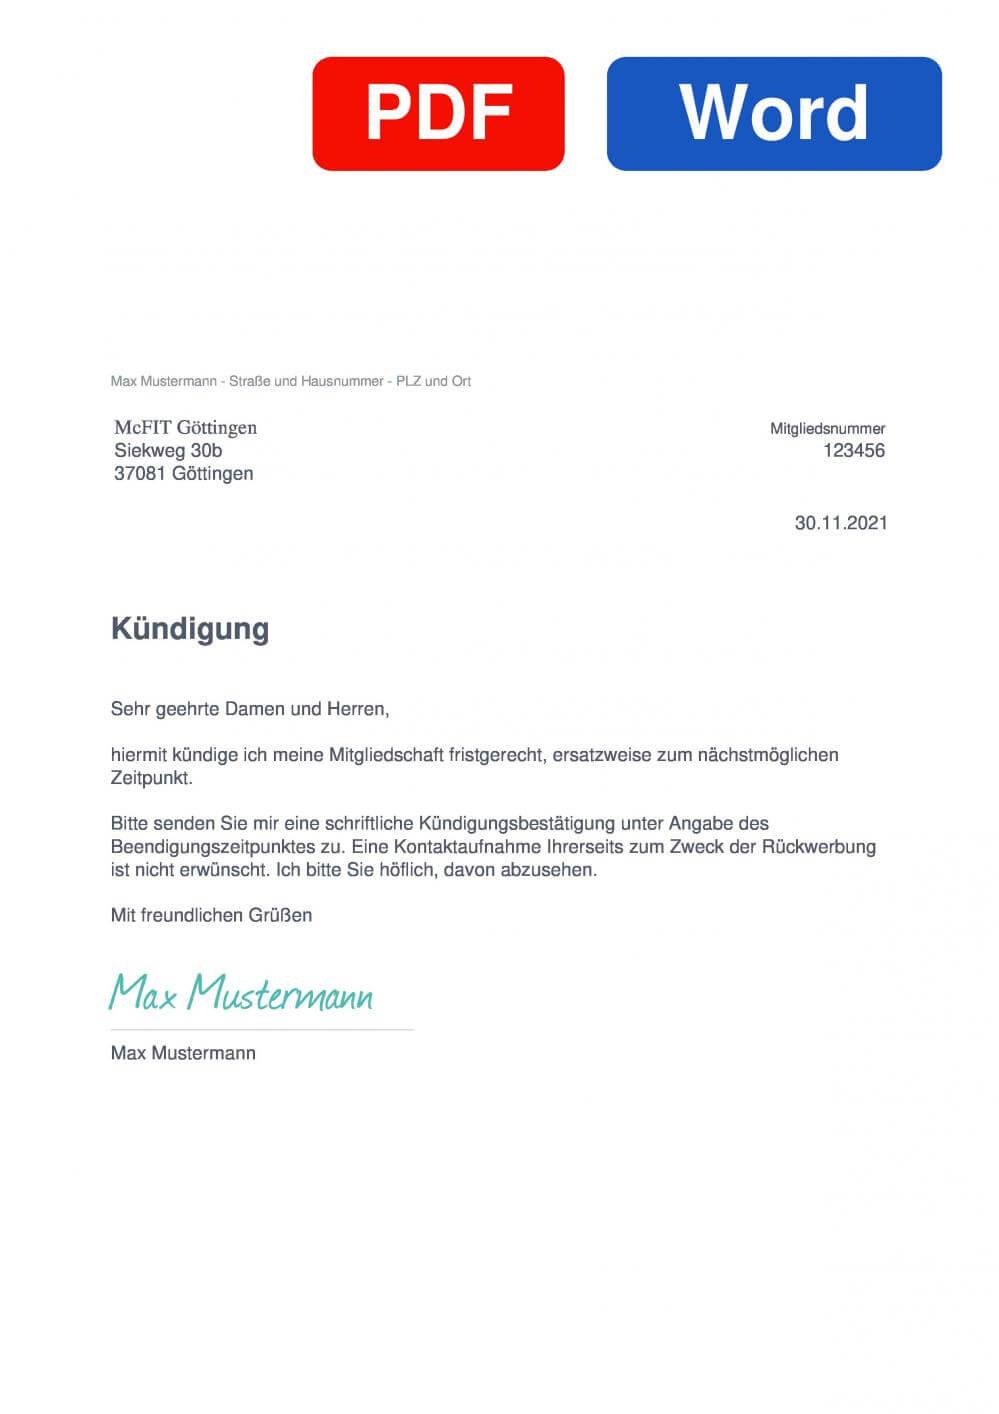 McFIT Göttingen Muster Vorlage für Kündigungsschreiben